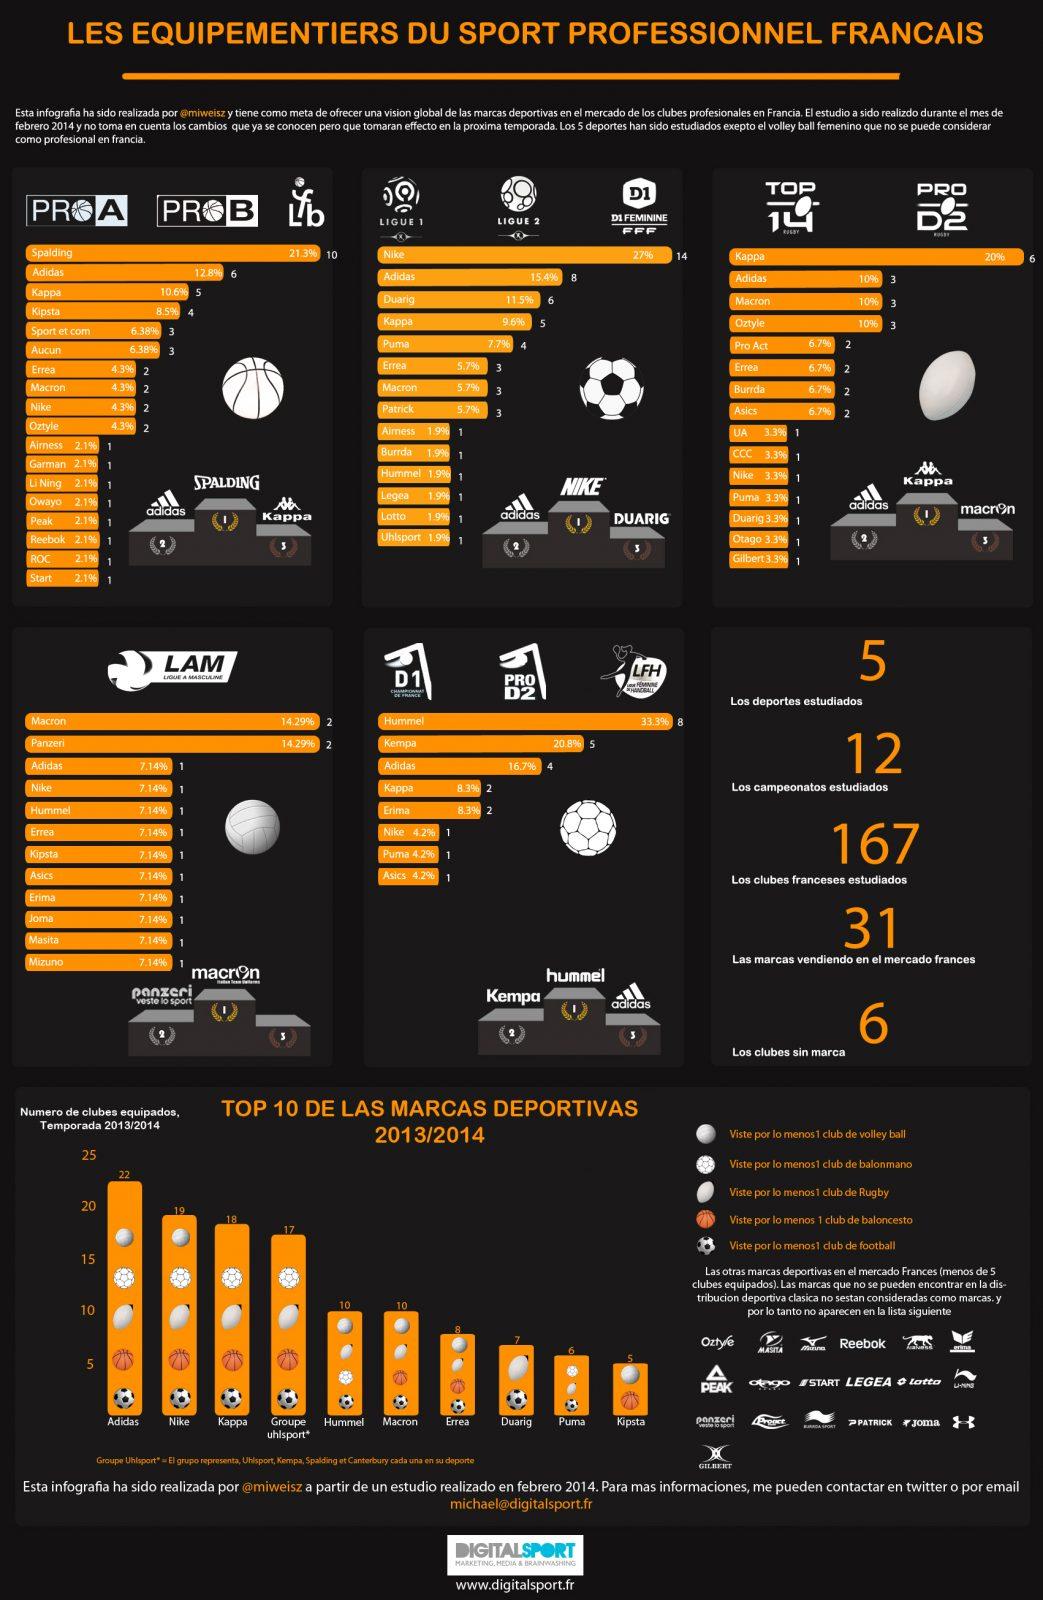 Las marcas deportivas presentes en los deportes profesionales de Francia